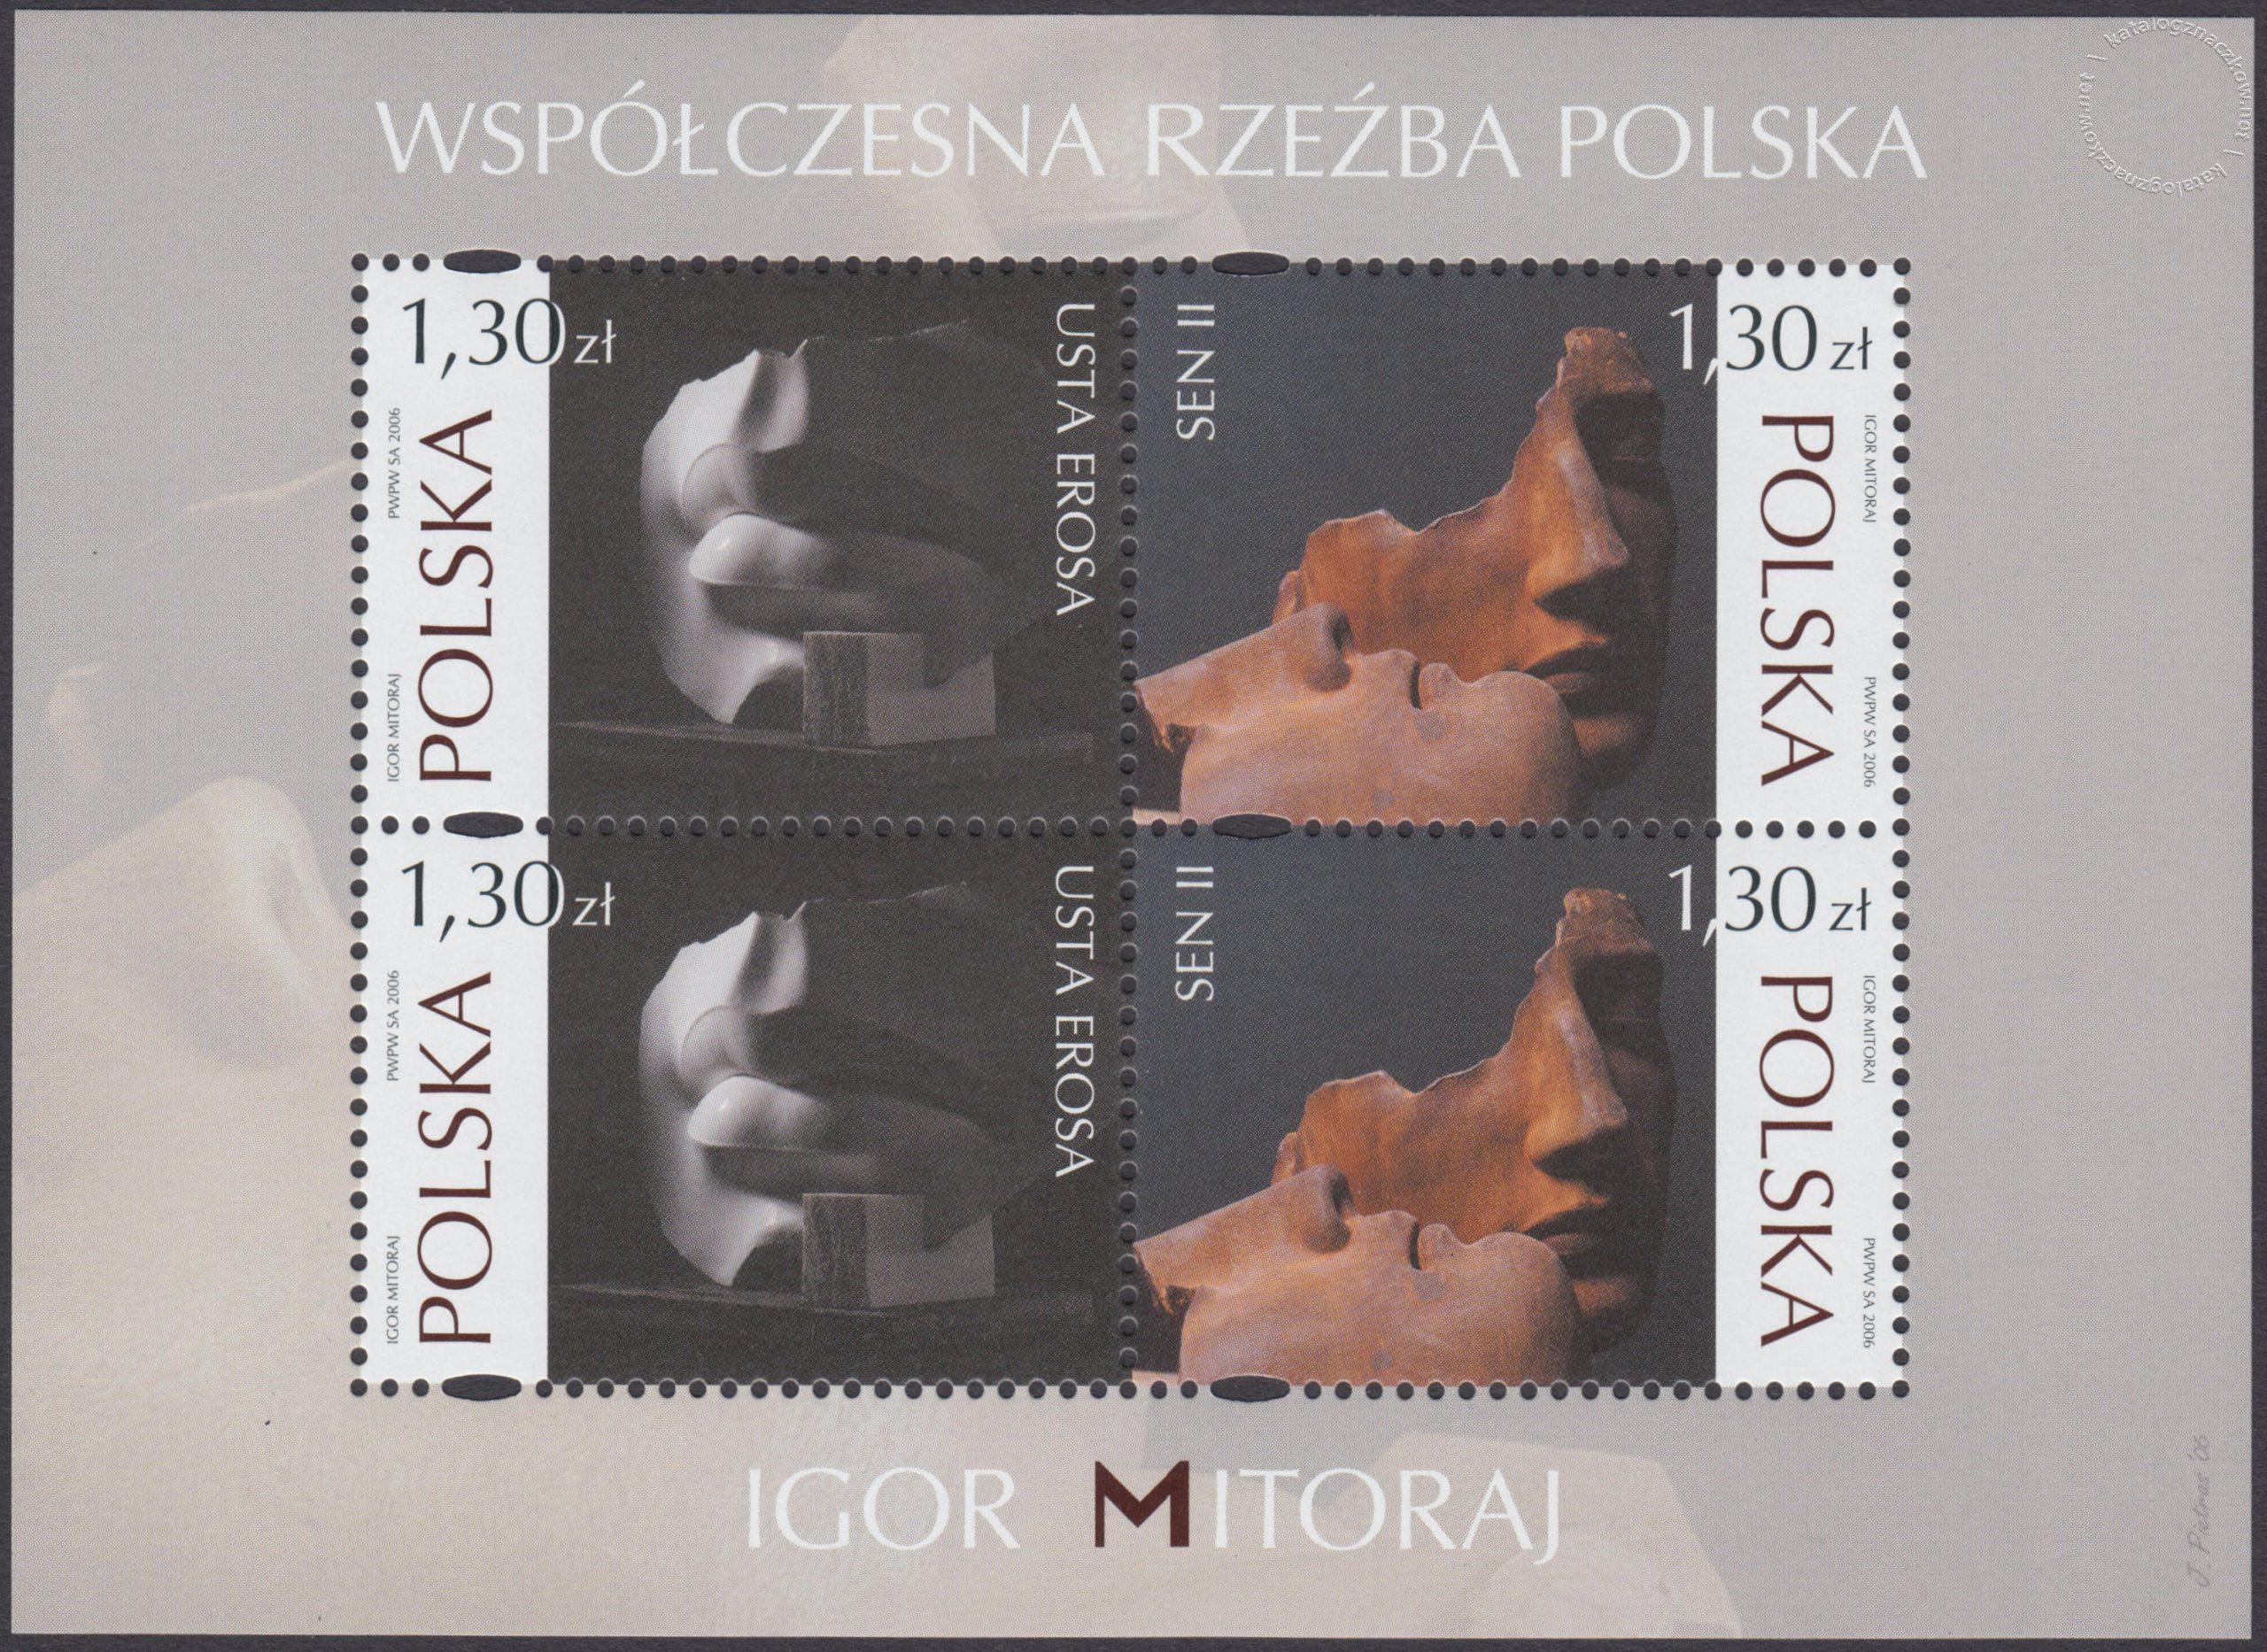 Współczesna rzeźba polska – Igor Mitoraj ark. 4084-4085